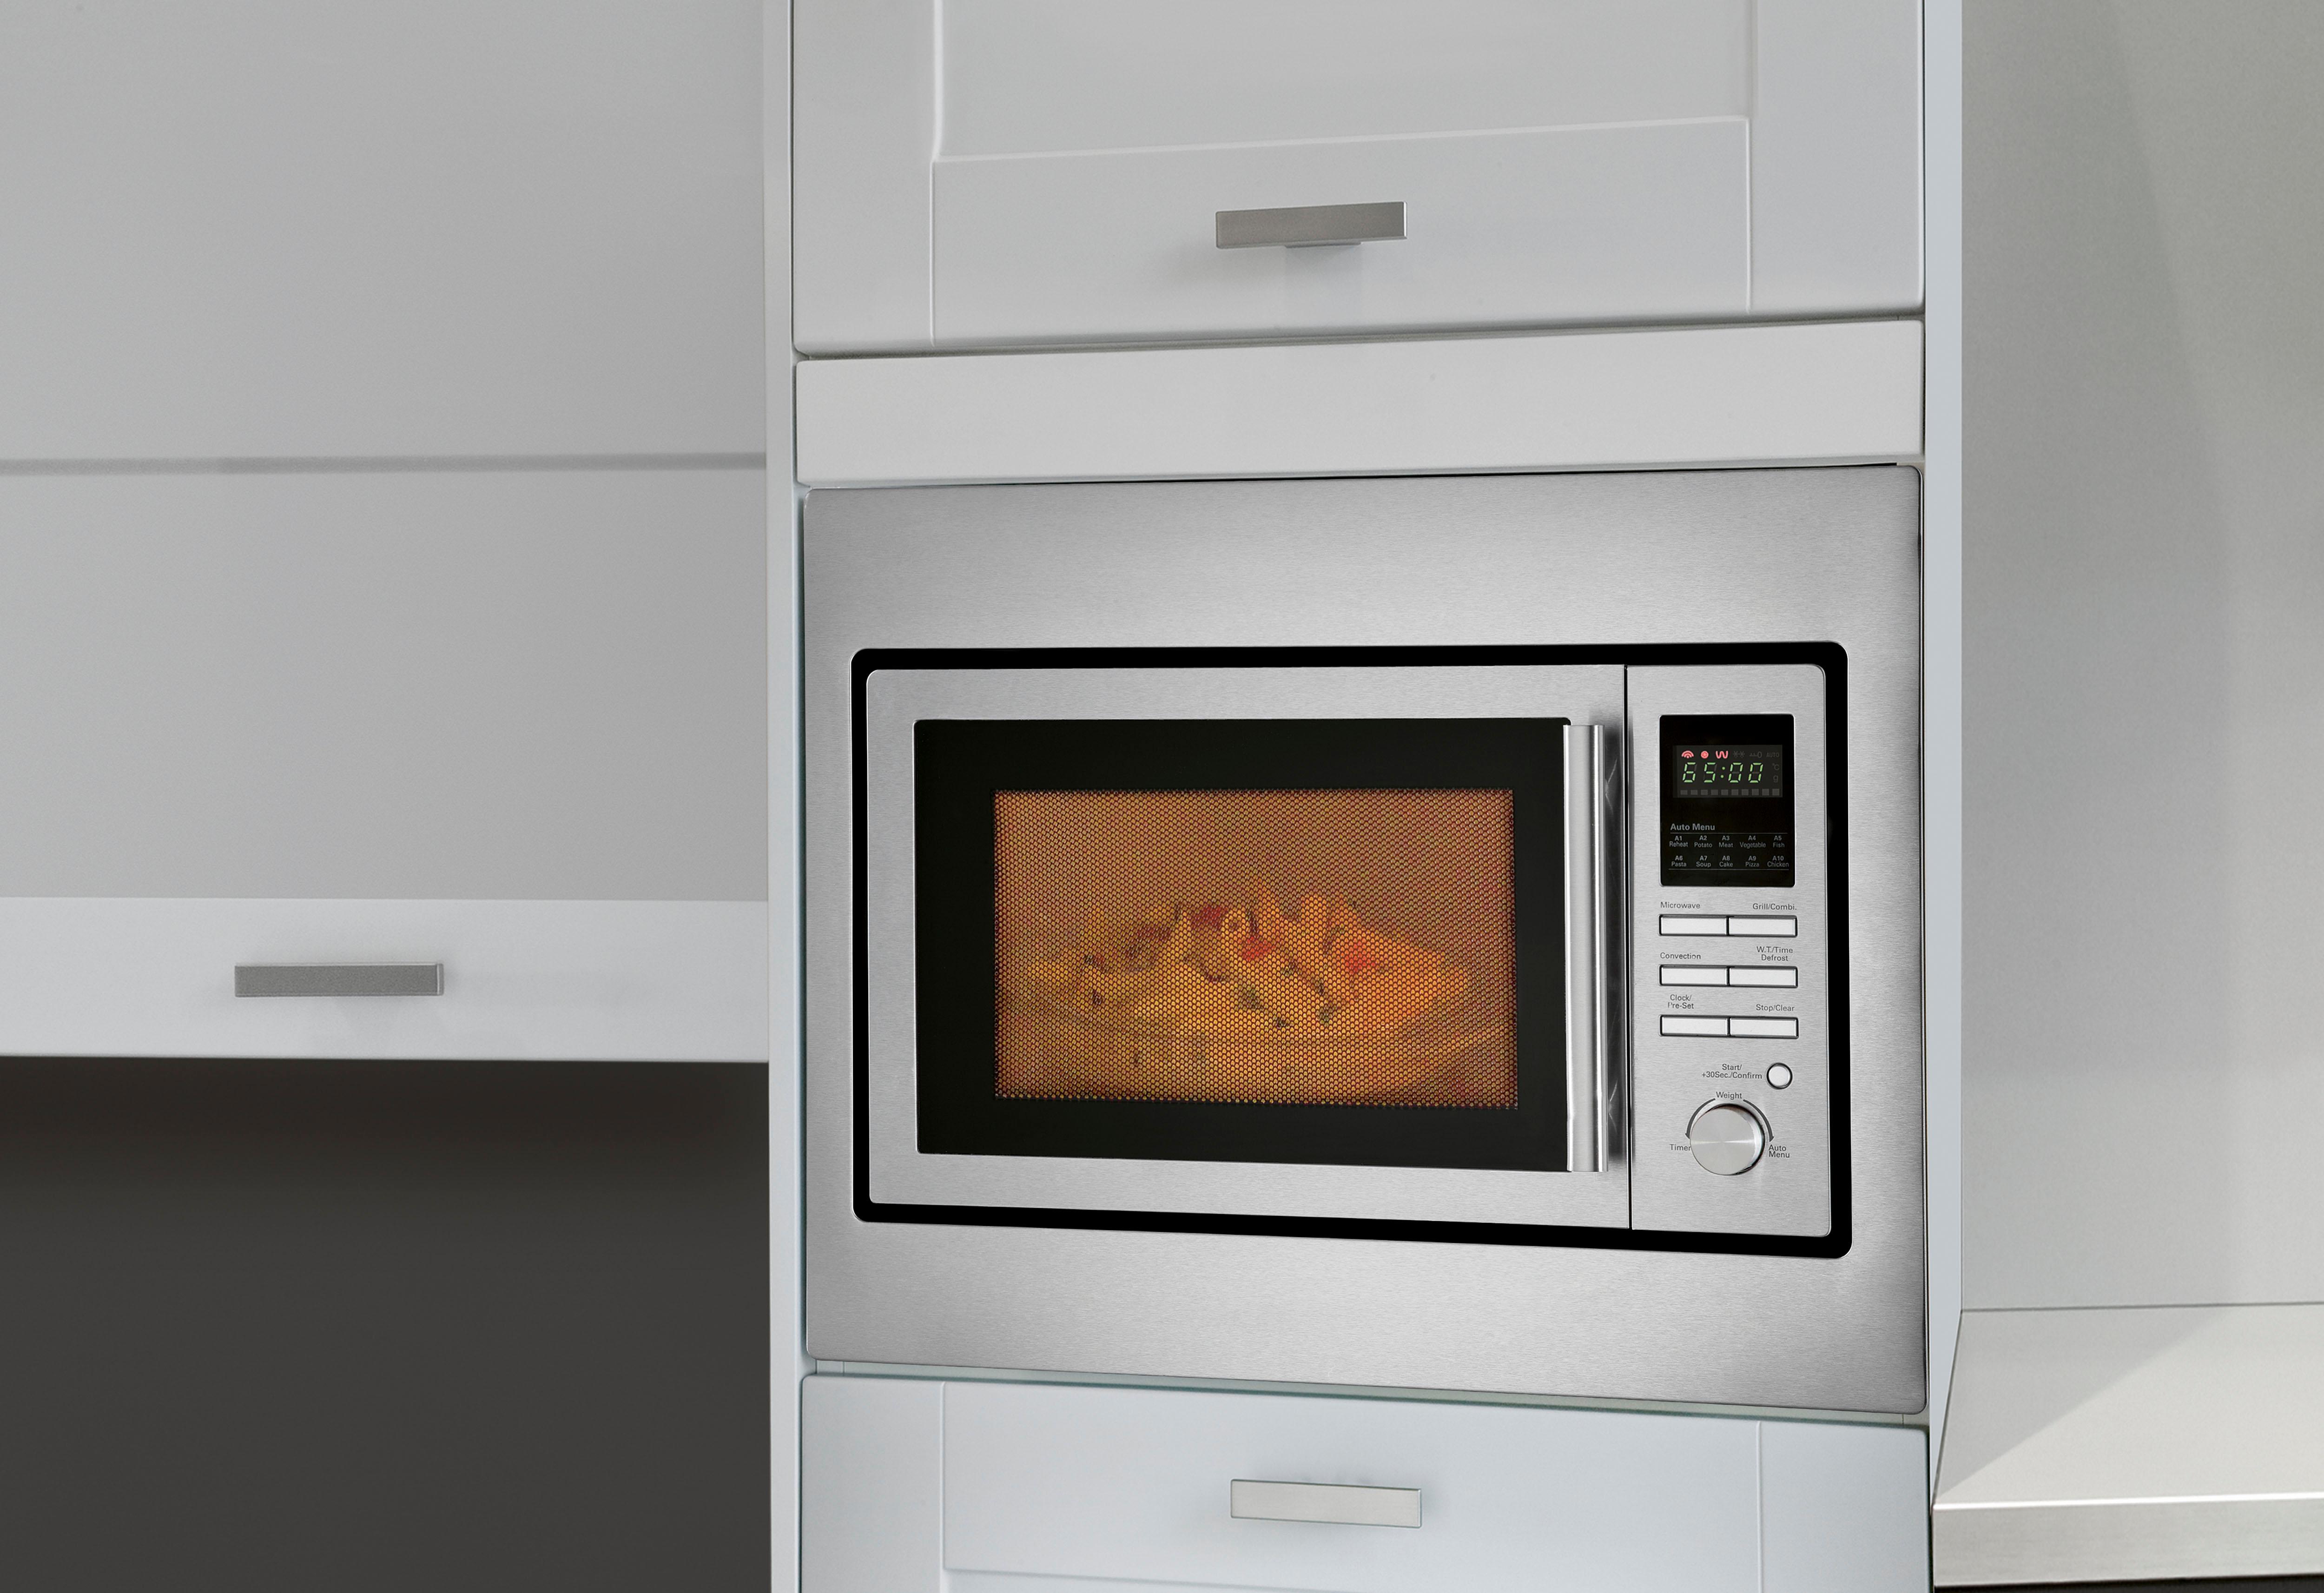 BOMANN Einbau-Mikrowelle MWG 2216 H EB, 1450 W | Küche und Esszimmer > Küchenelektrogeräte > Mikrowellen | Bomann